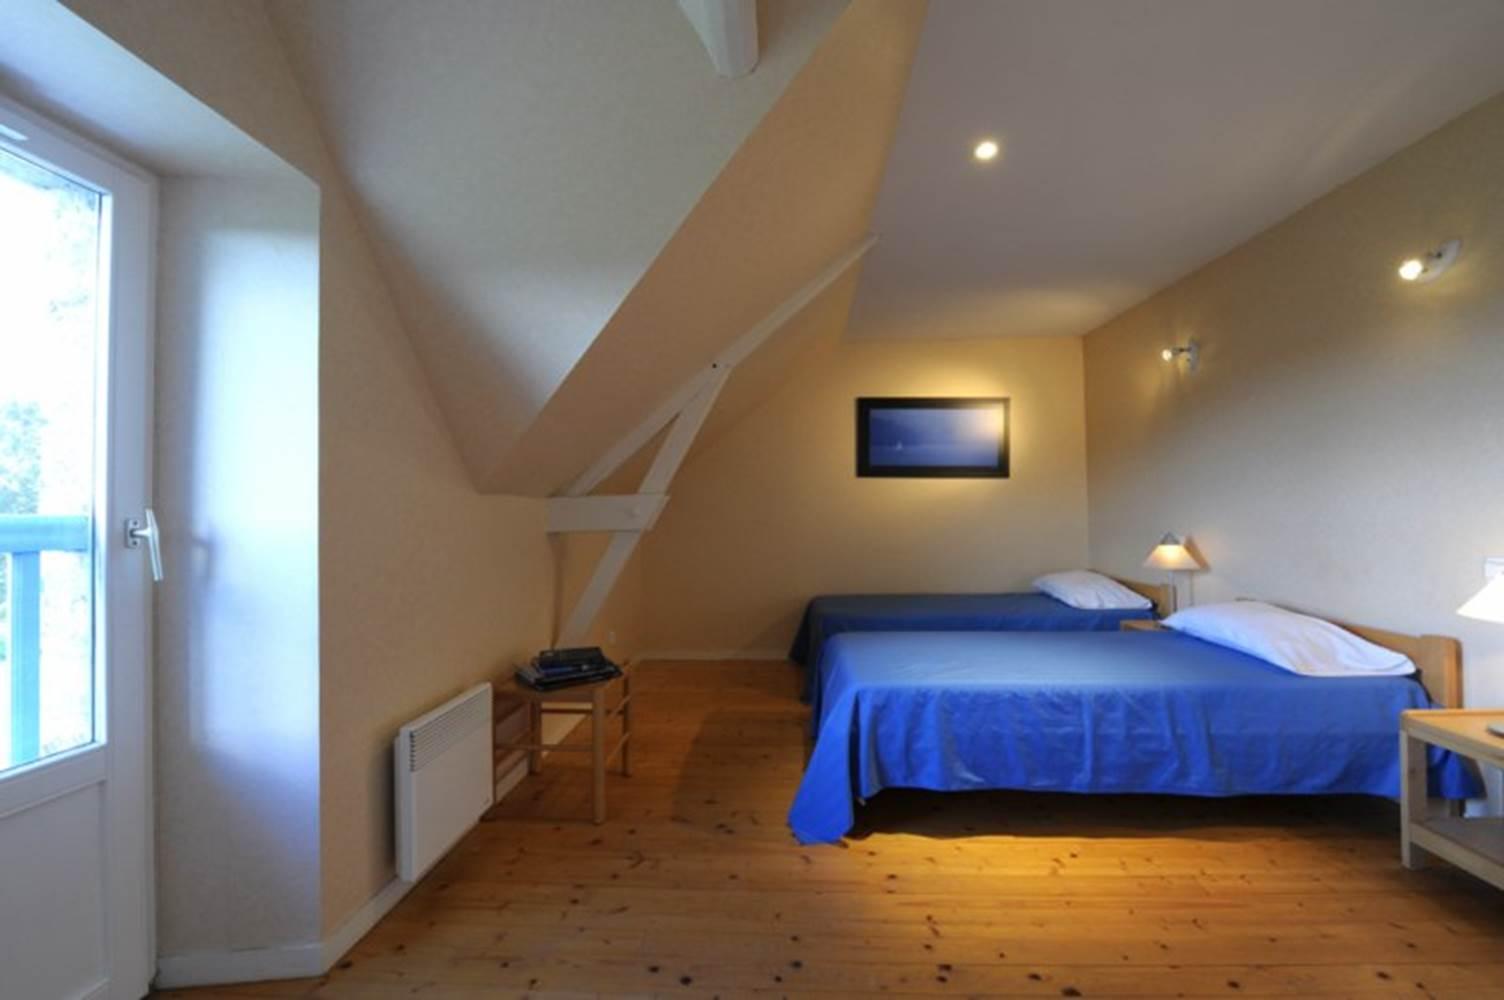 location-maison-Gestel-Lorient-Morbihan-Bretagne-Sud-8personnes-France © lain